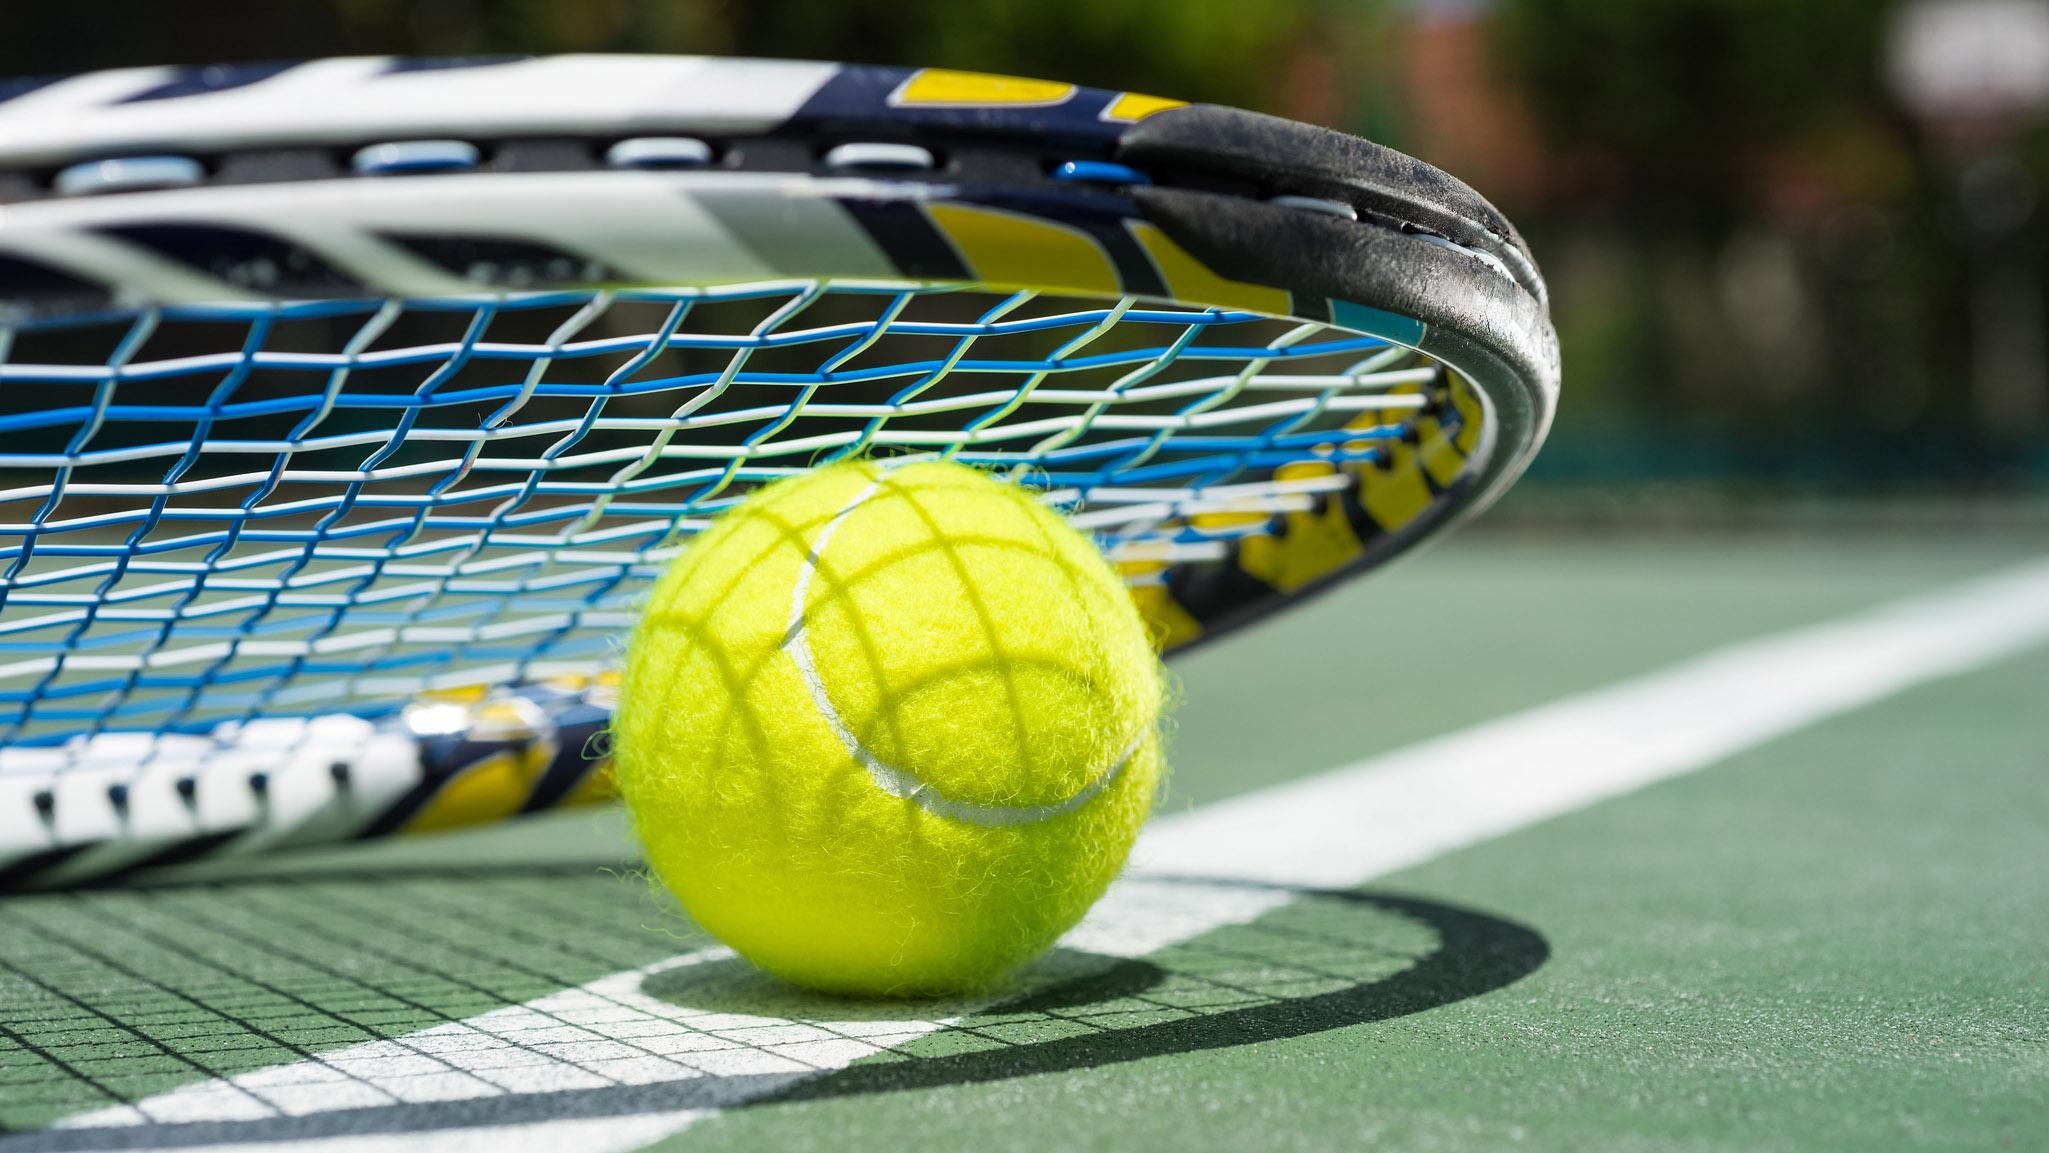 https://bewdleytennisclub.org.uk/wp-content/uploads/2021/04/generic_tennis_stock-1.jpg